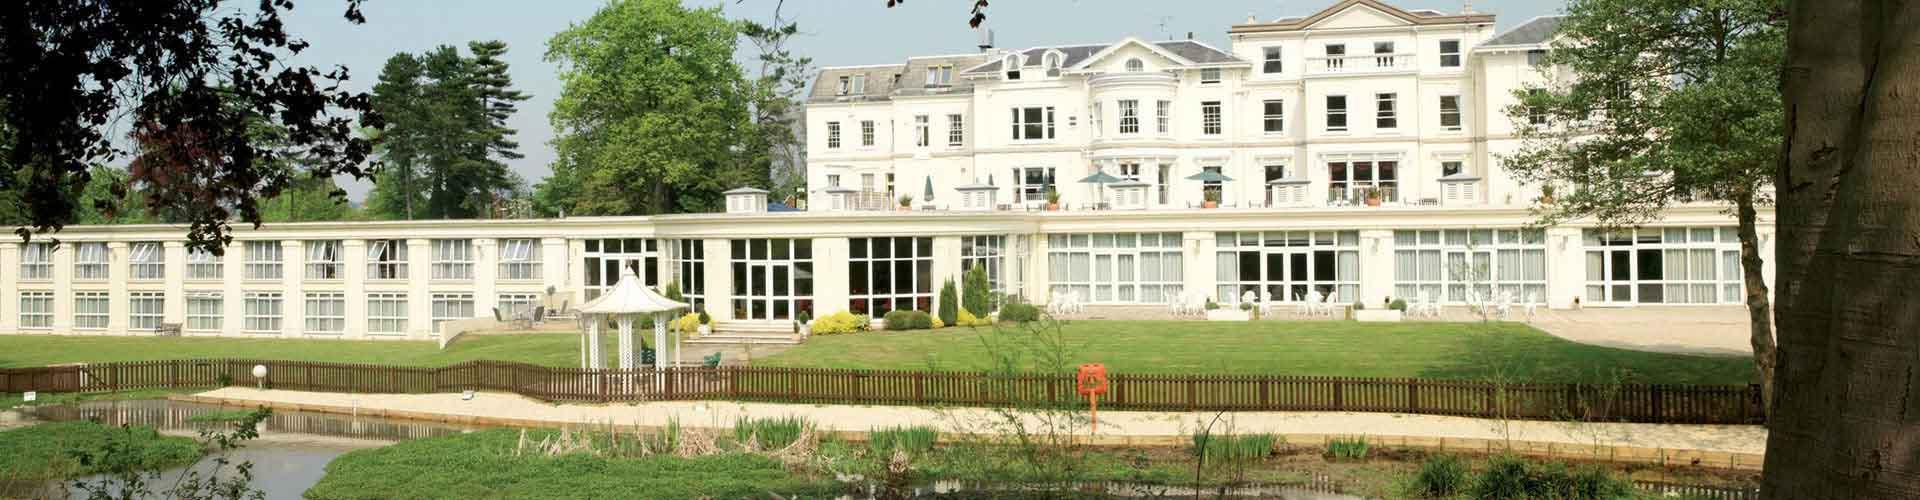 Cheltenham - Pokoje w mieście Cheltenham, Mapy miasta Cheltenham, Zdjęcia i Recenzje dla każdego pokoju w mieście Cheltenham.